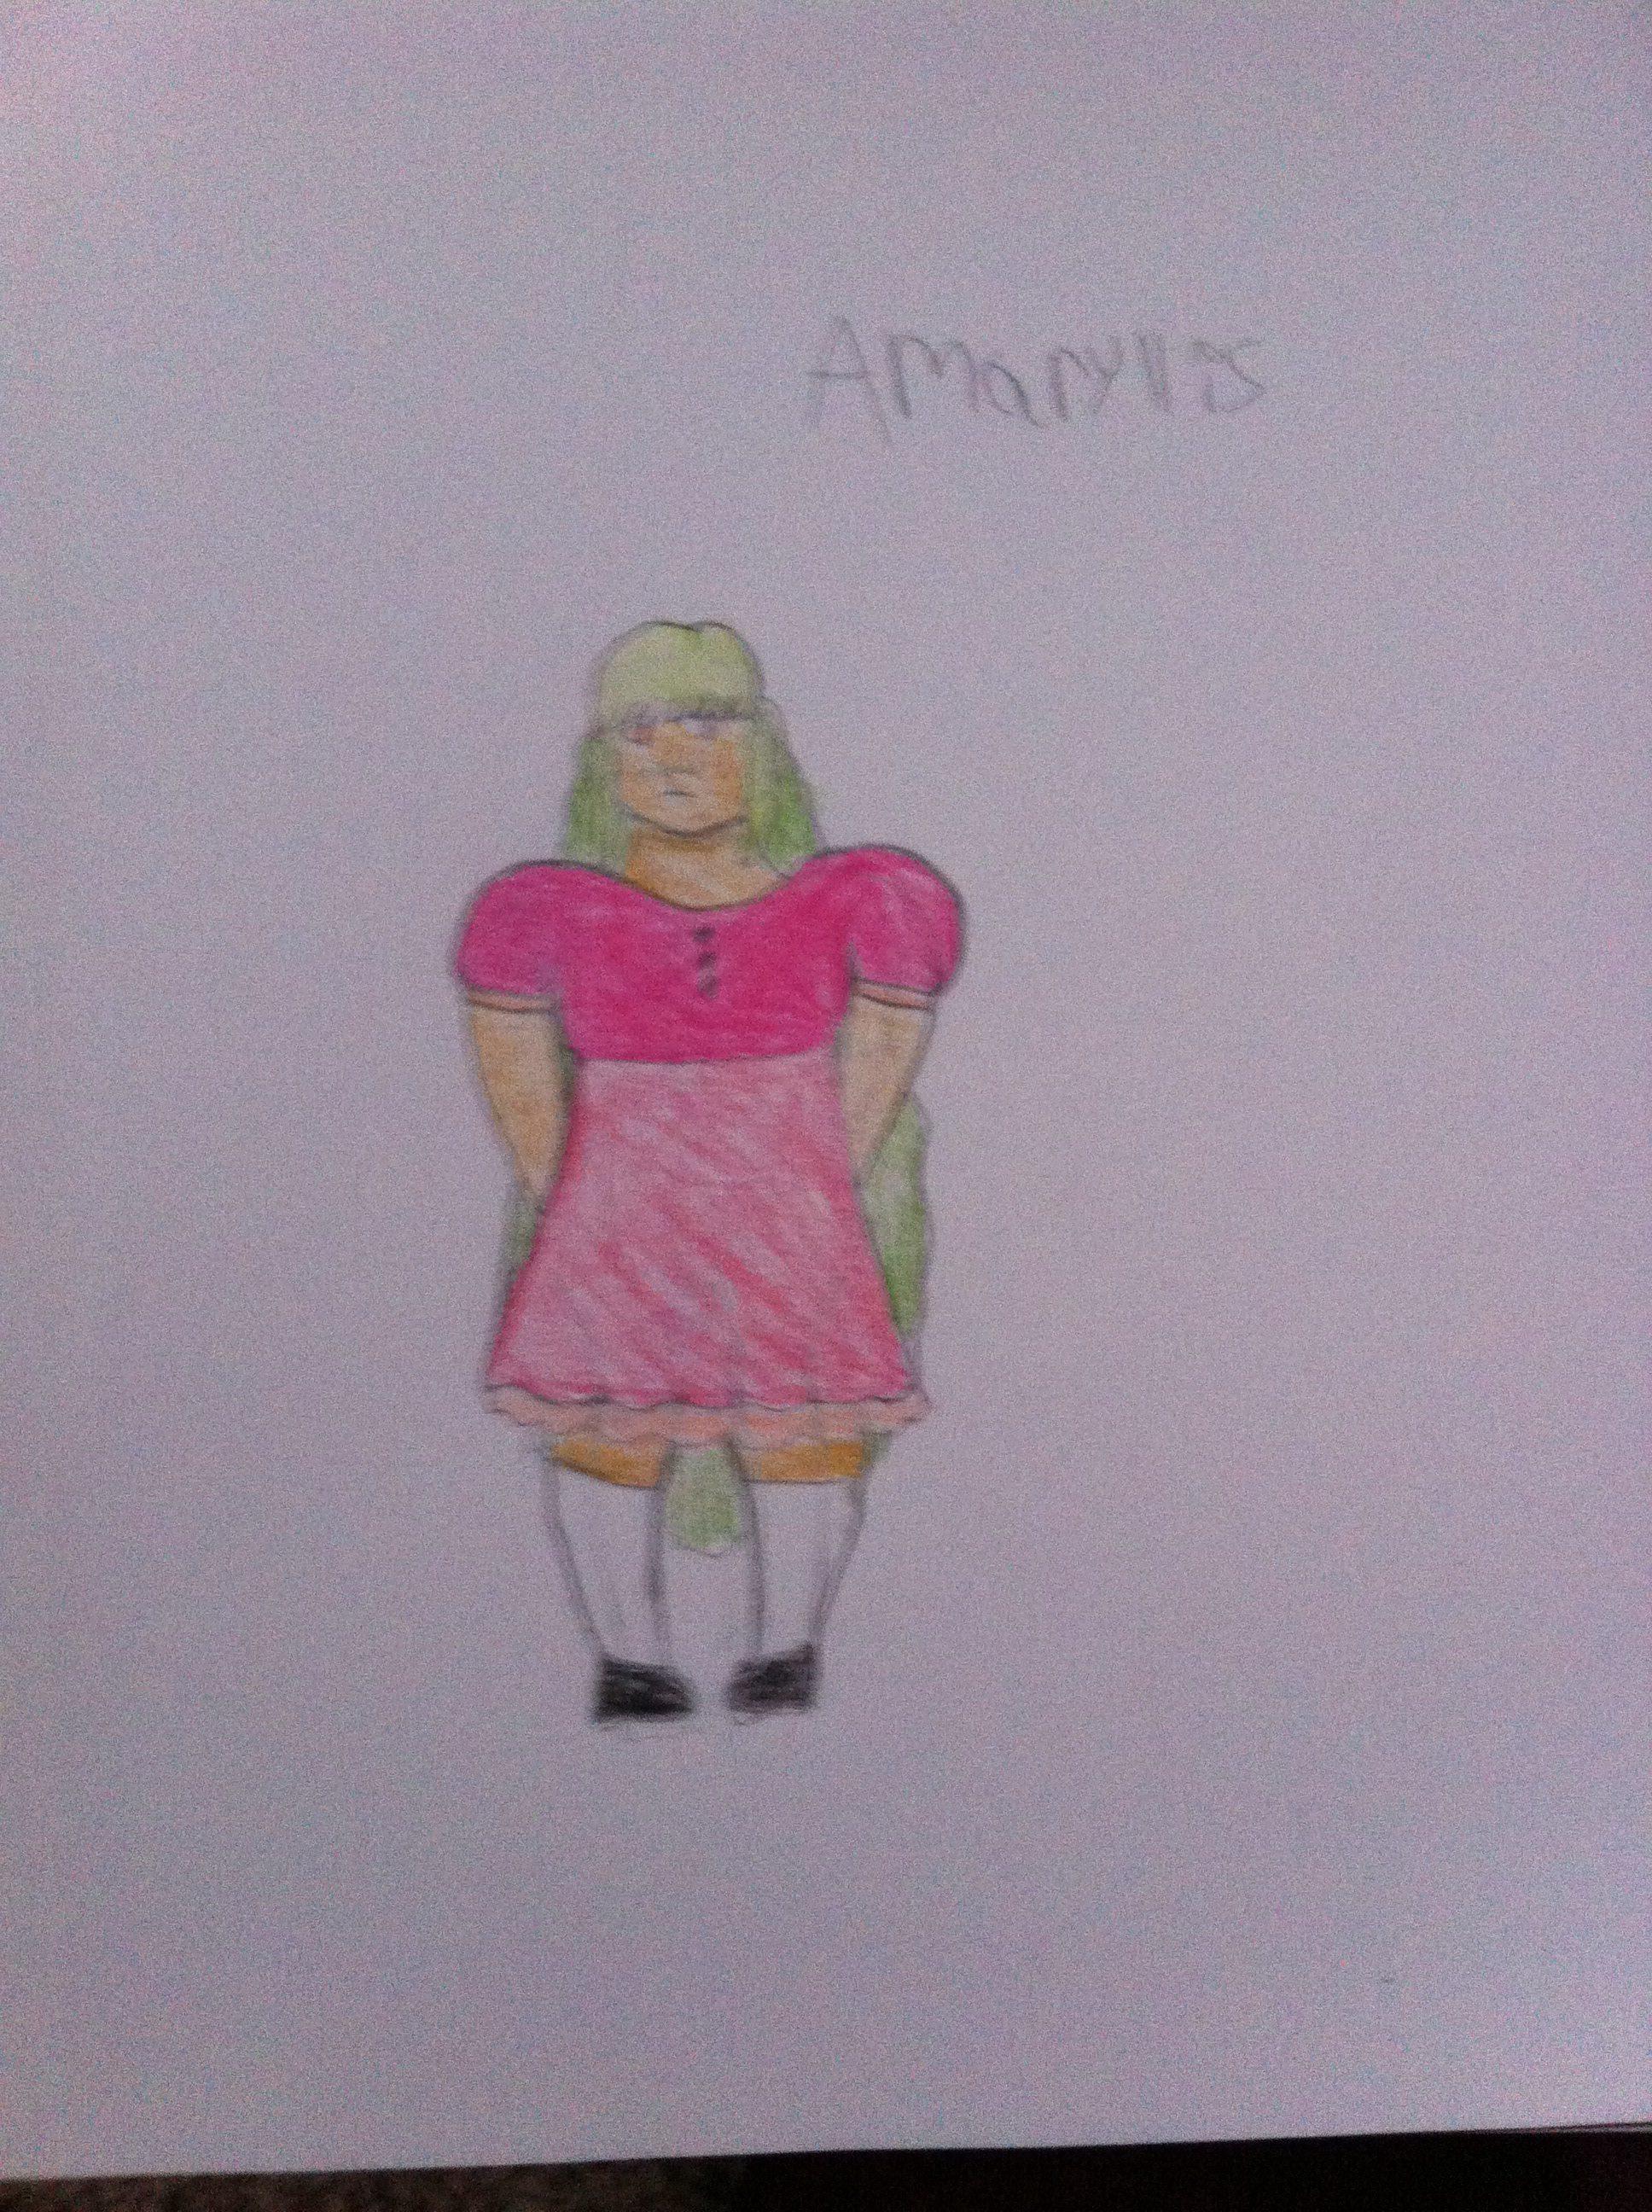 anamryllis